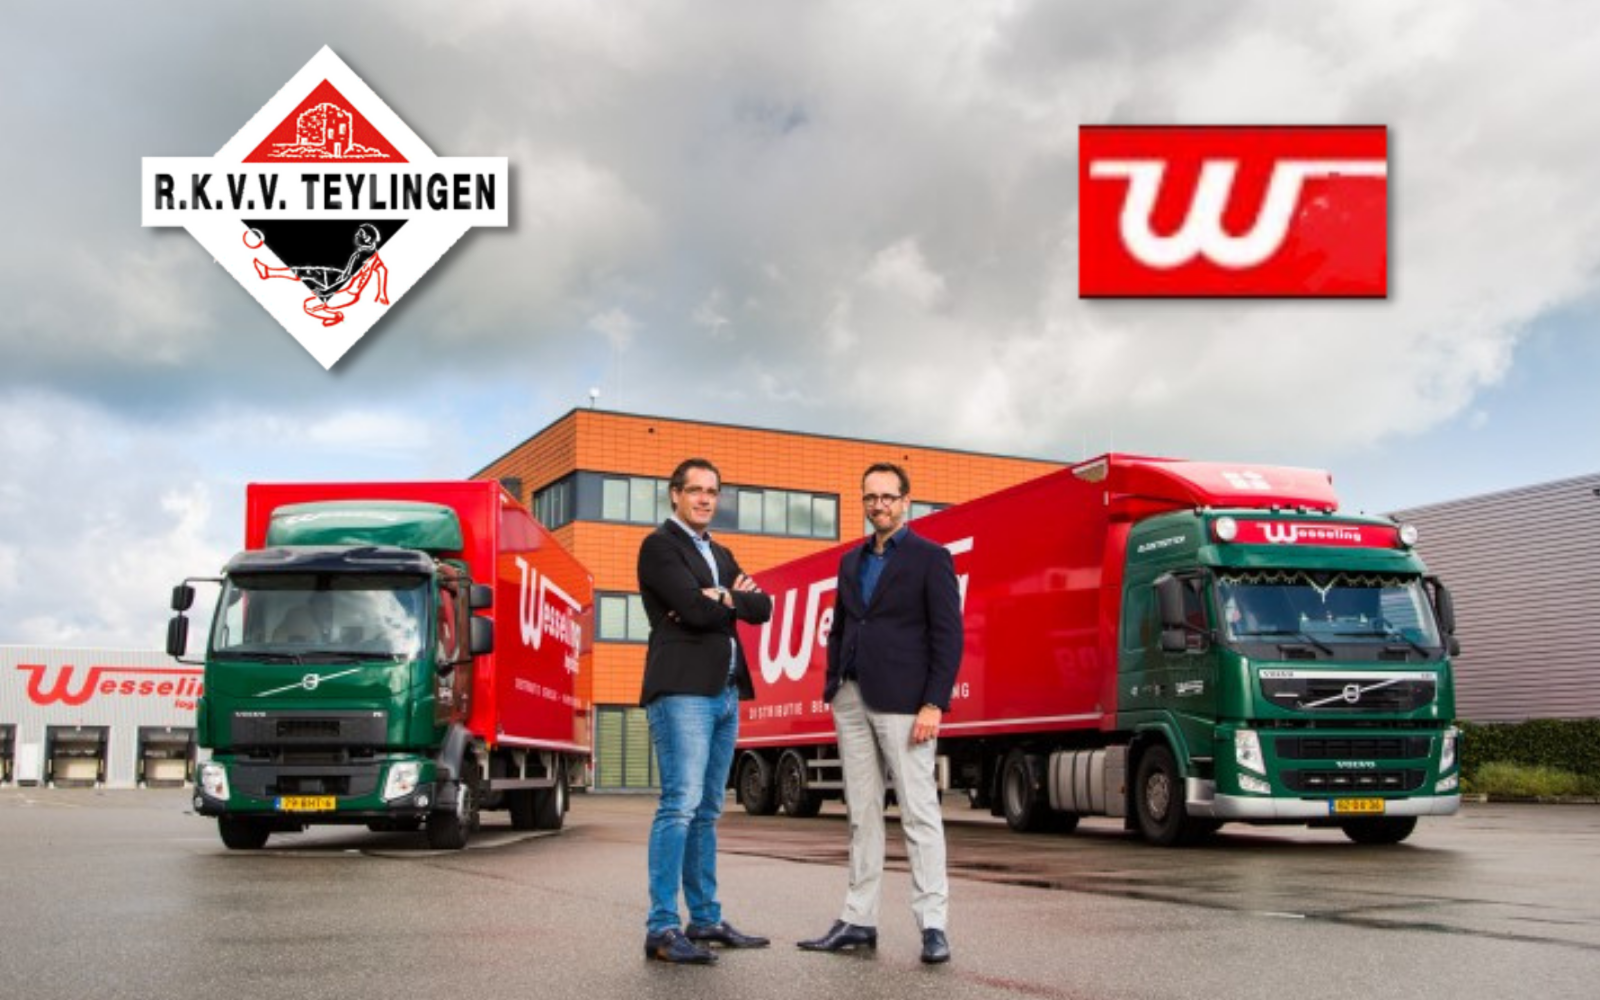 Wilfred van Wattum over familiebedrijf Wesseling